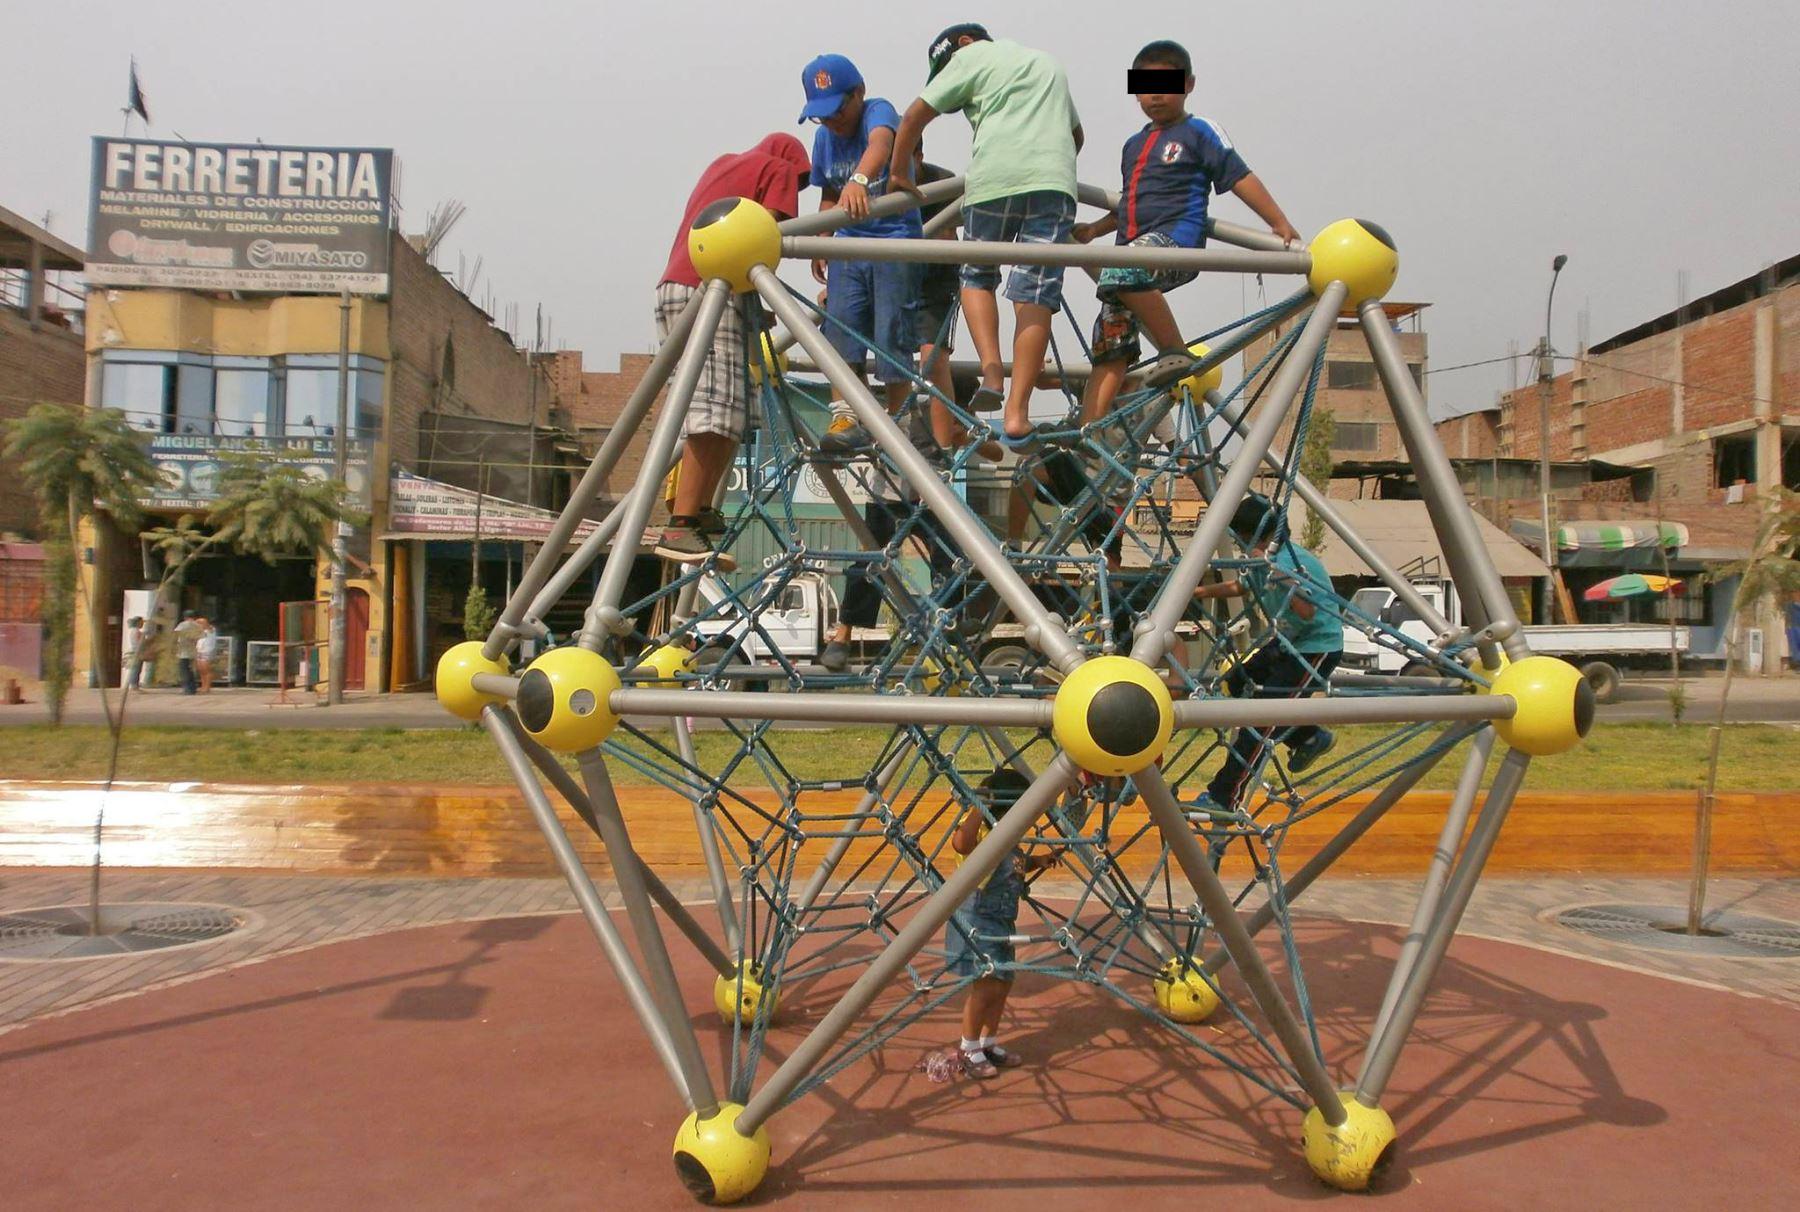 Ninos Con Discapacidad Podrian Jugar A Plenitud En Parques